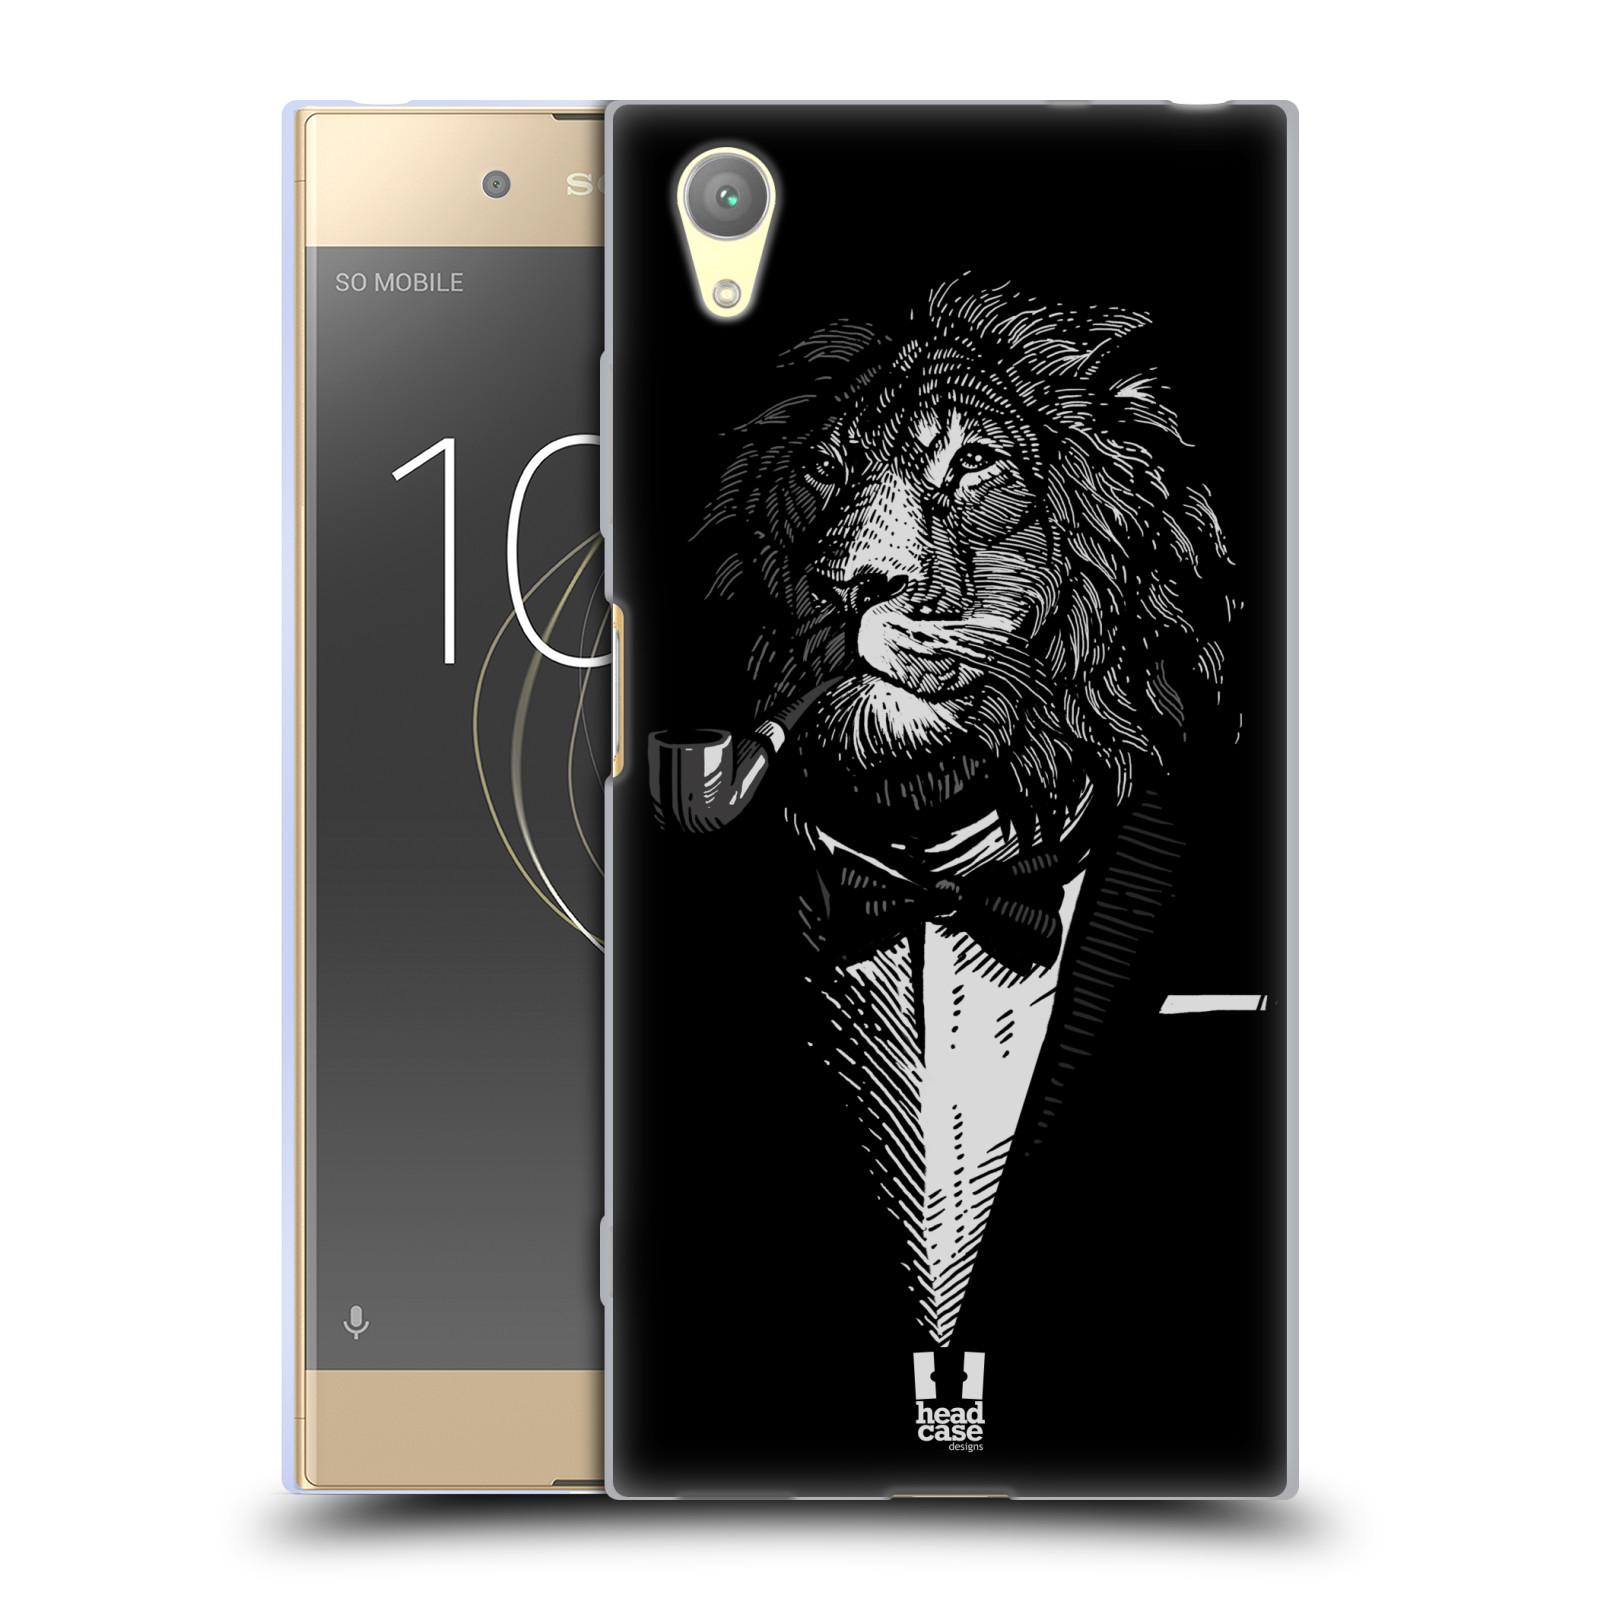 HEAD CASE silikonový obal na mobil Sony Xperia XA1 PLUS vzor Zvíře v obleku lev